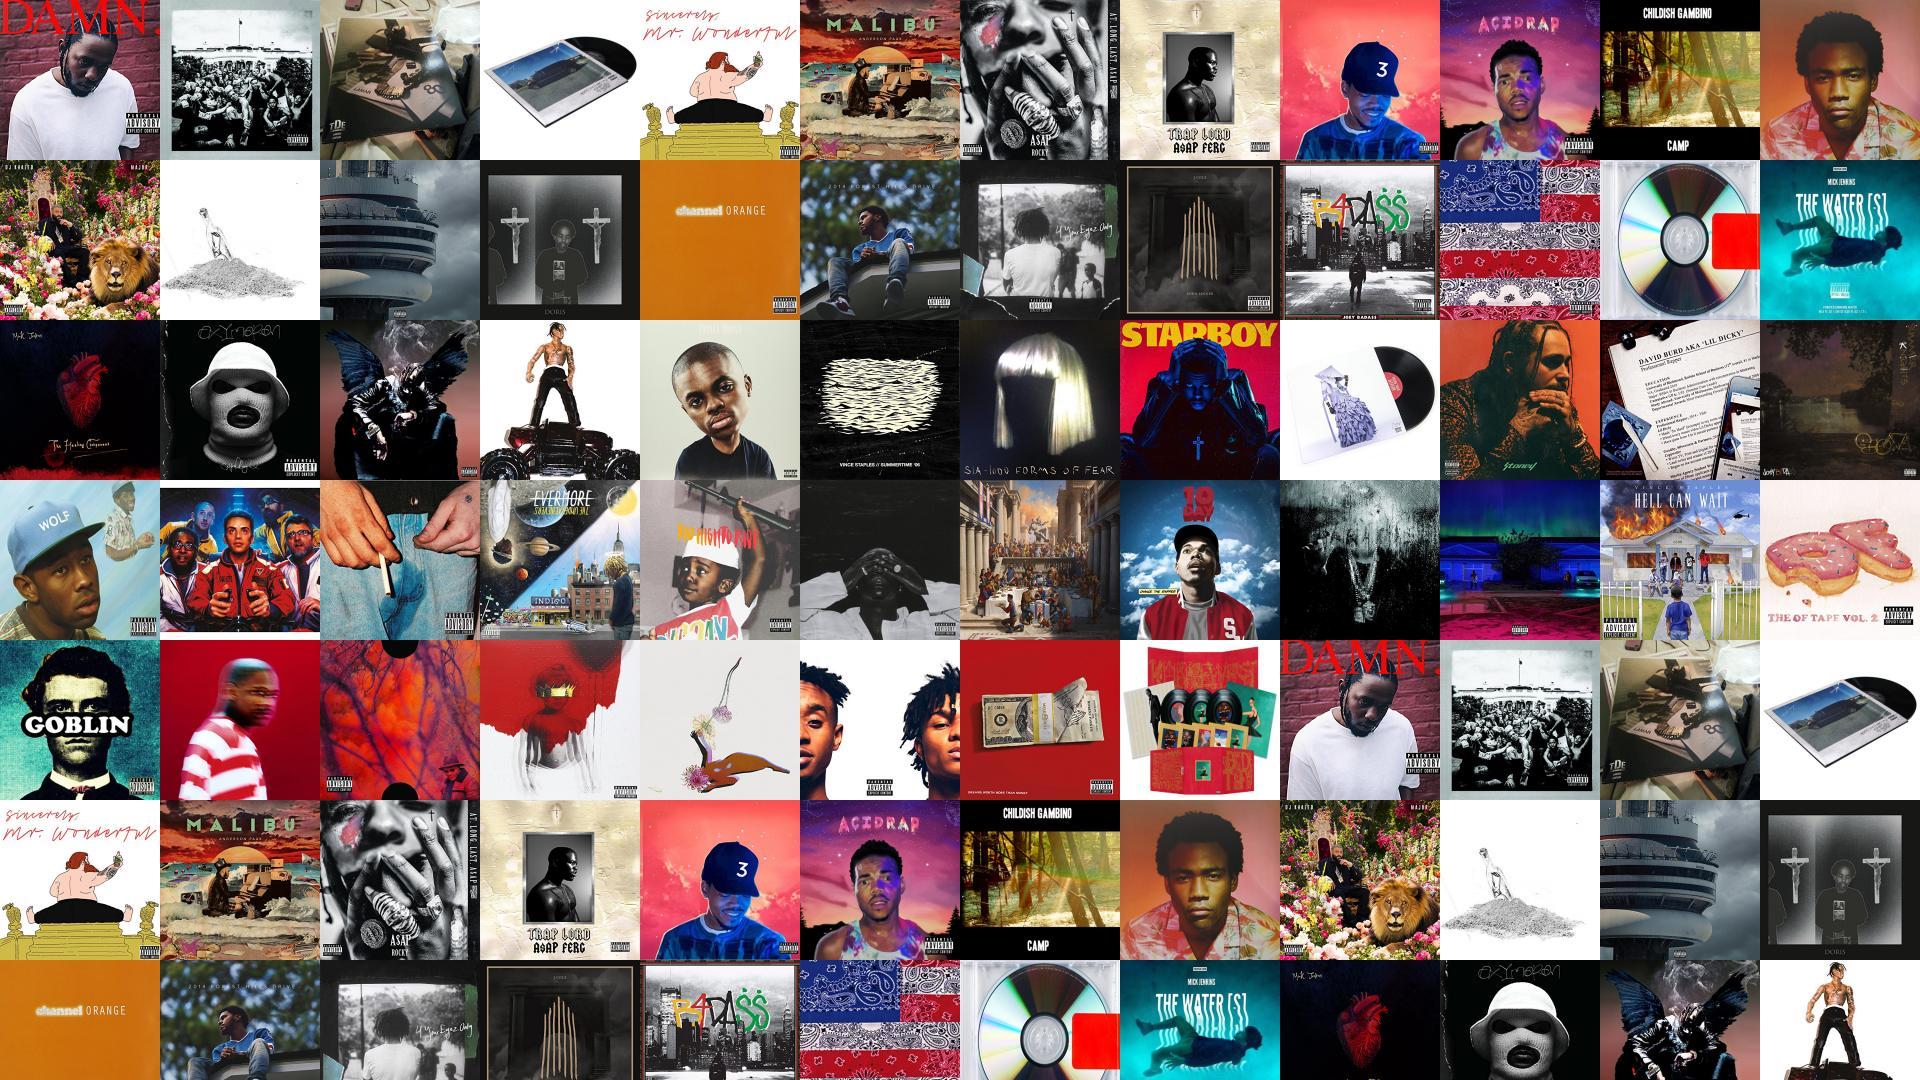 Asap ferg trap lord album cover